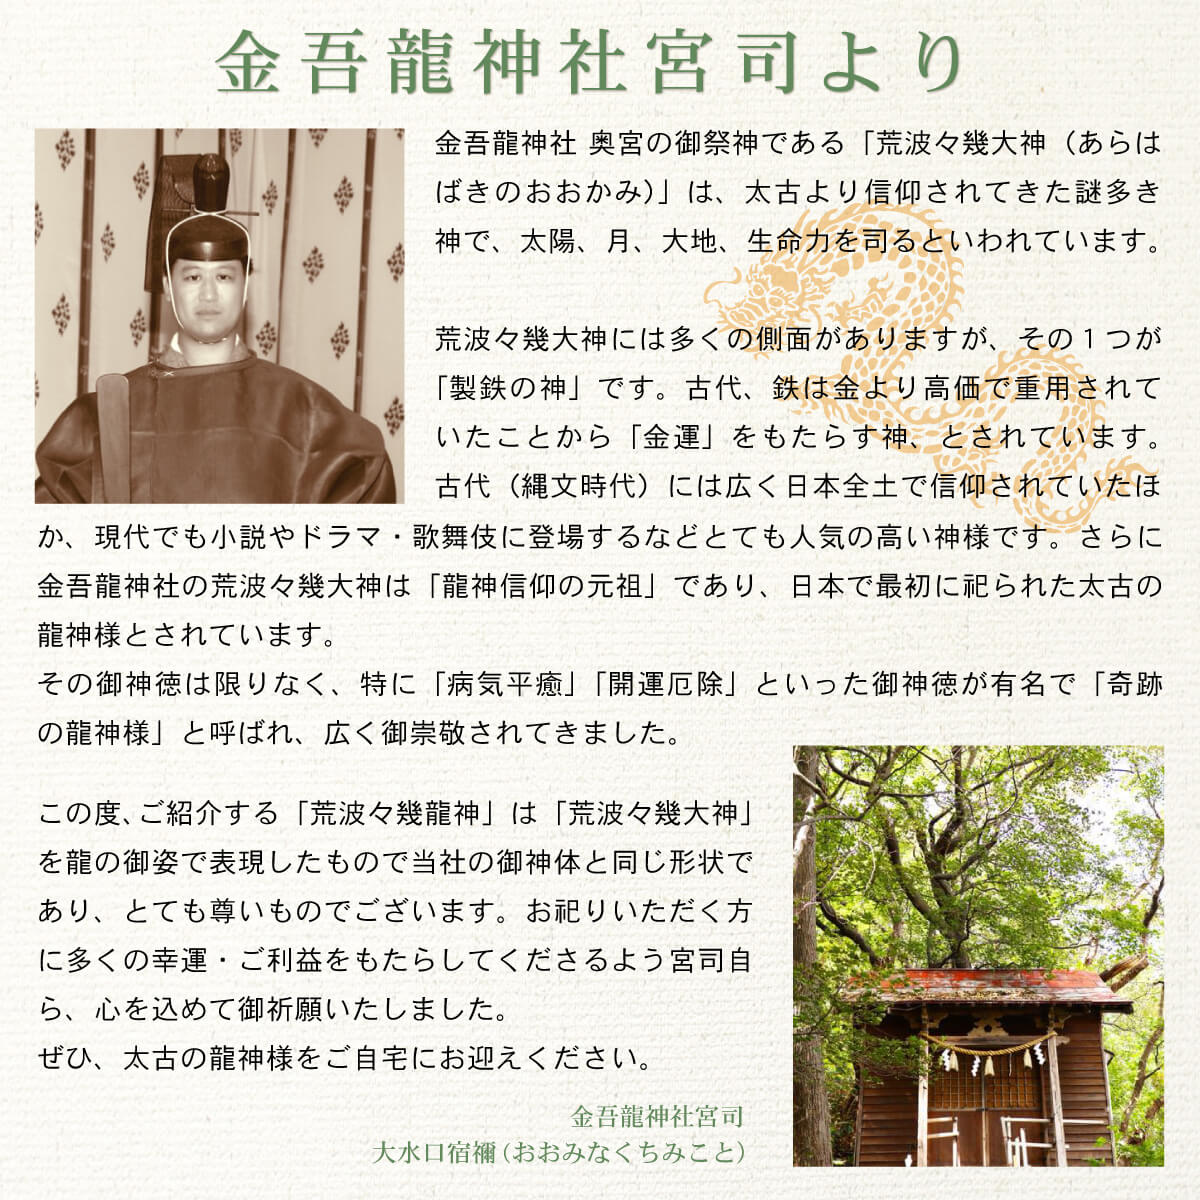 特別祈祷付き!日本最古級の龍神様に願いを!- 荒波々幾龍神 金吾龍神社特別祈祷付き